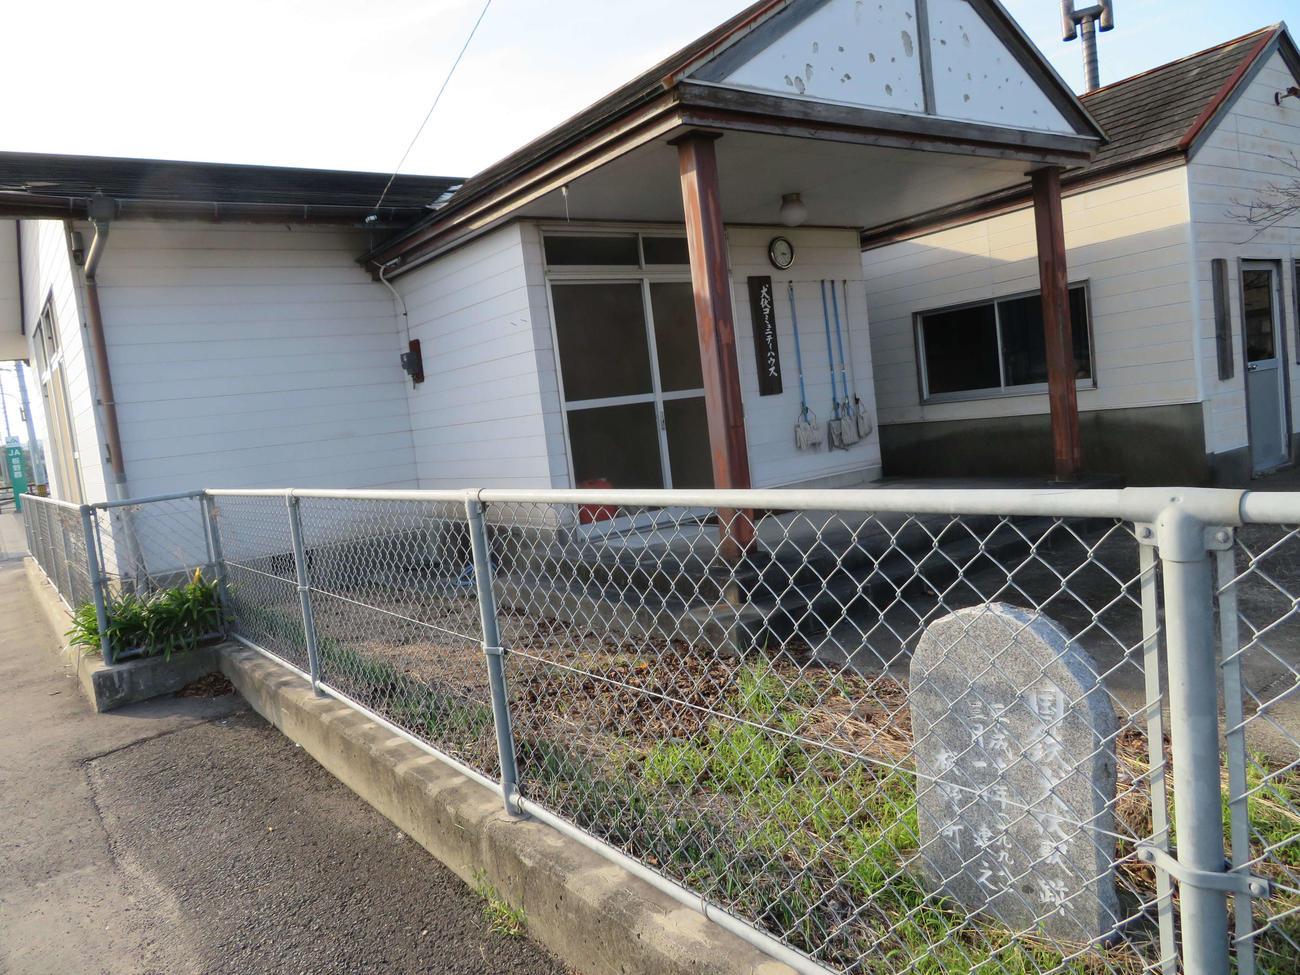 〈6〉コミュニティーハウスの敷地内に設置されている犬伏駅跡の石碑